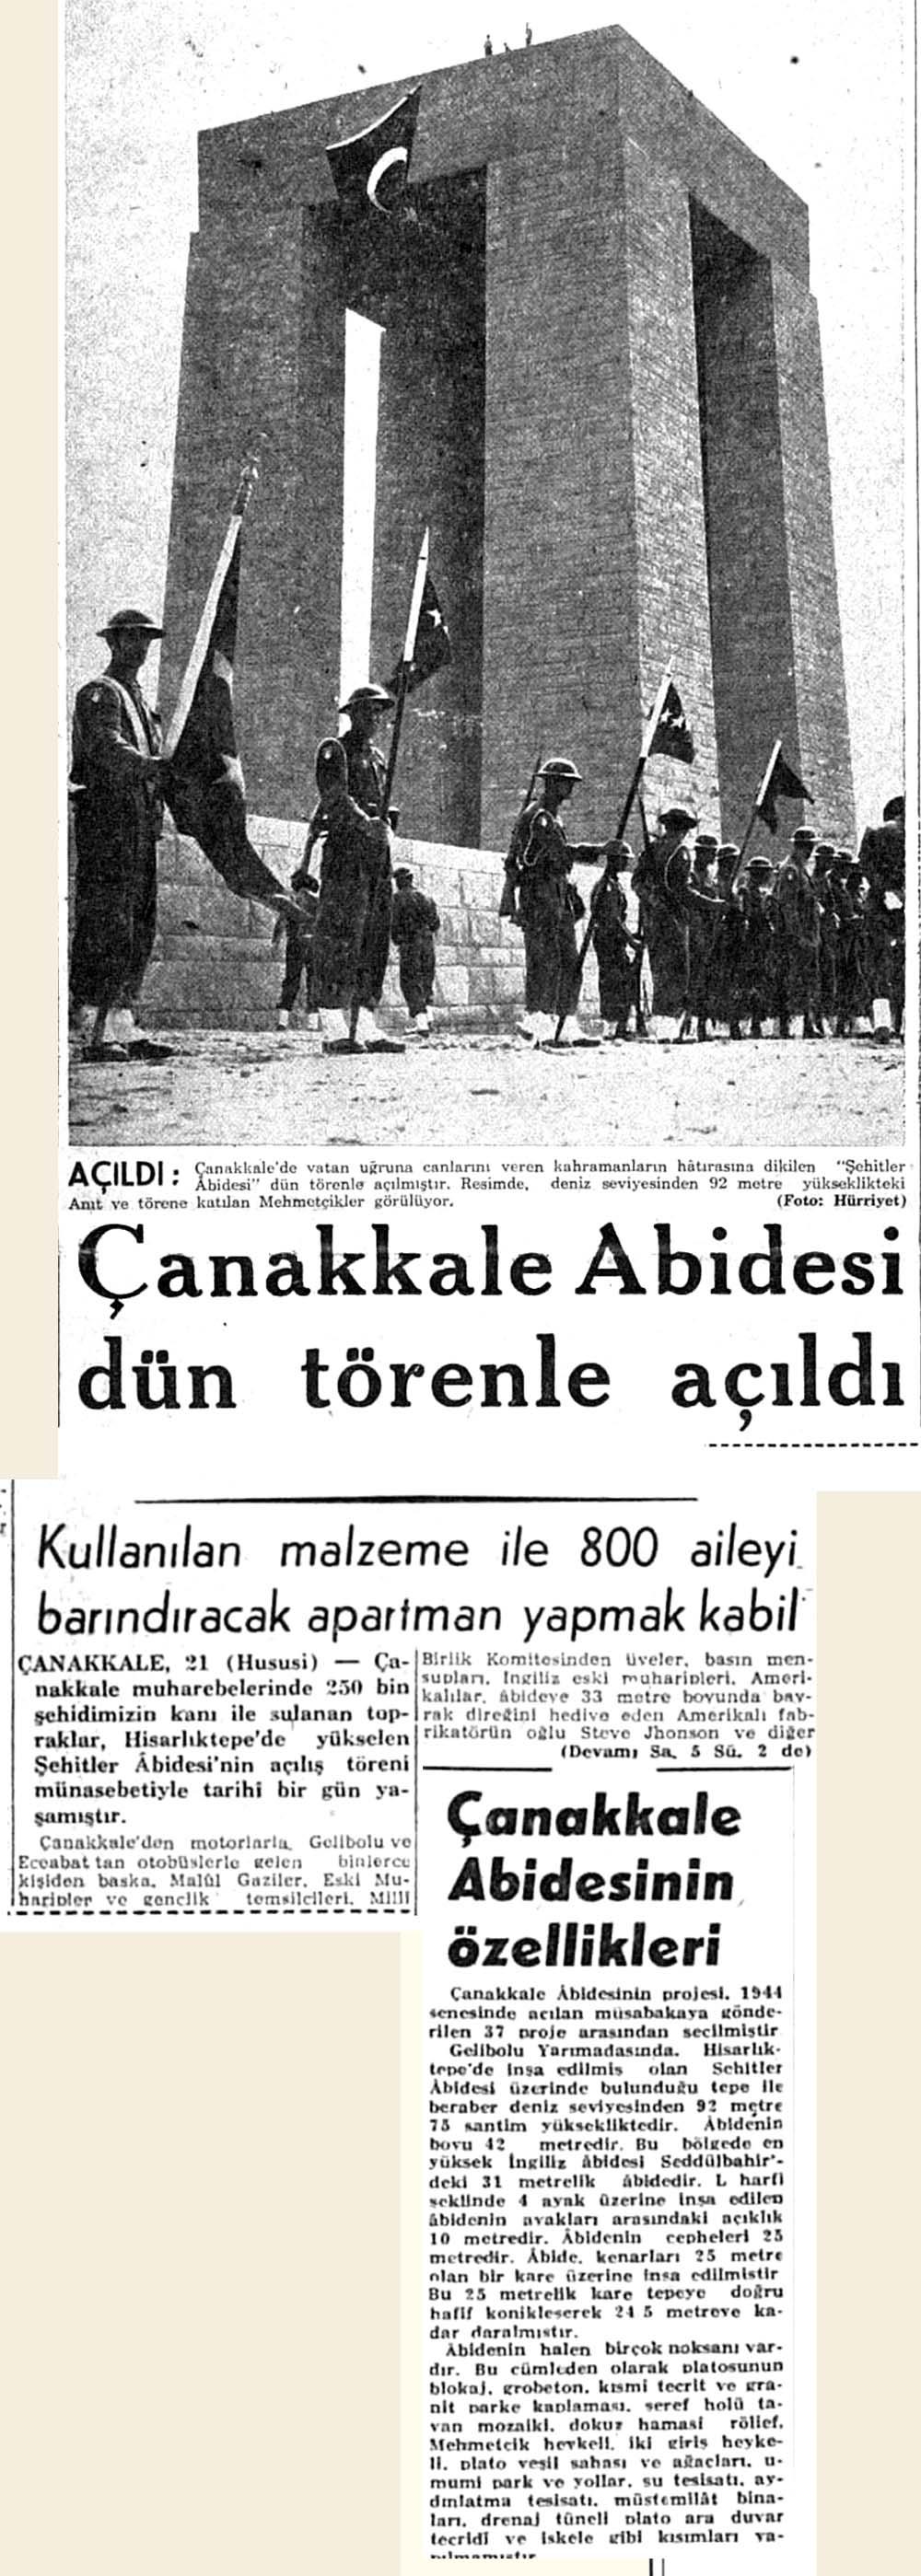 Çanakkale Abidesi dün törenle açıldı